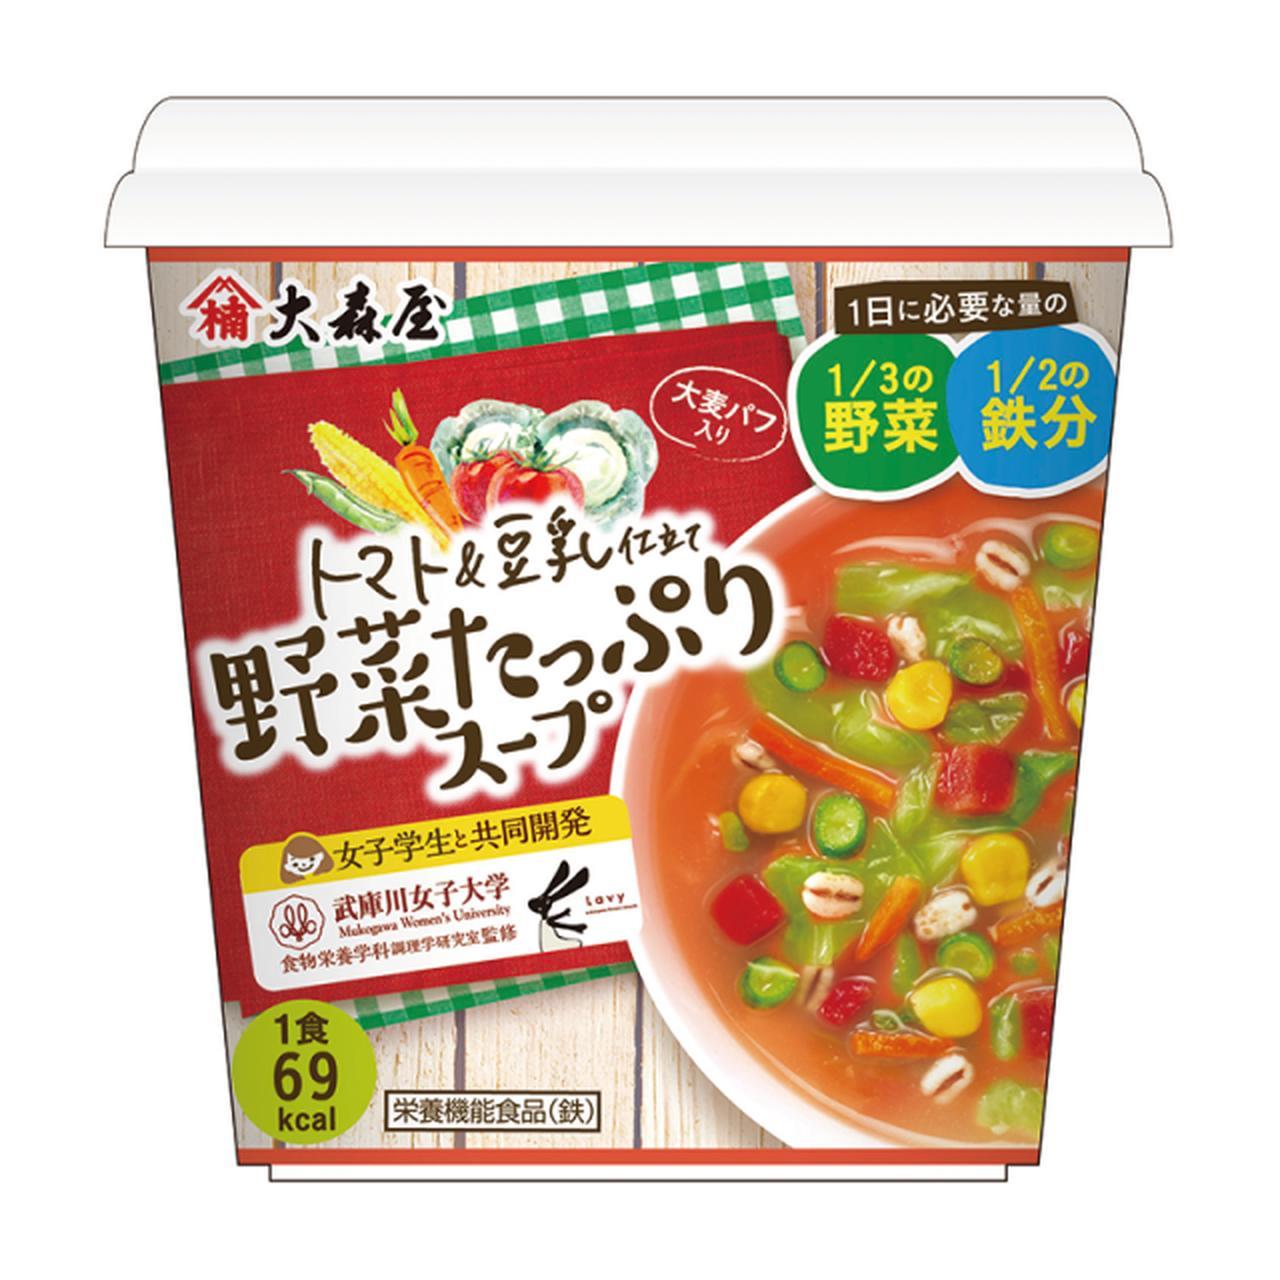 画像: トマト&豆乳仕立て 野菜たっぷりスープ カップ|ふりかけ・お茶漬・スープ|商品一覧|海苔(のり)の大森屋